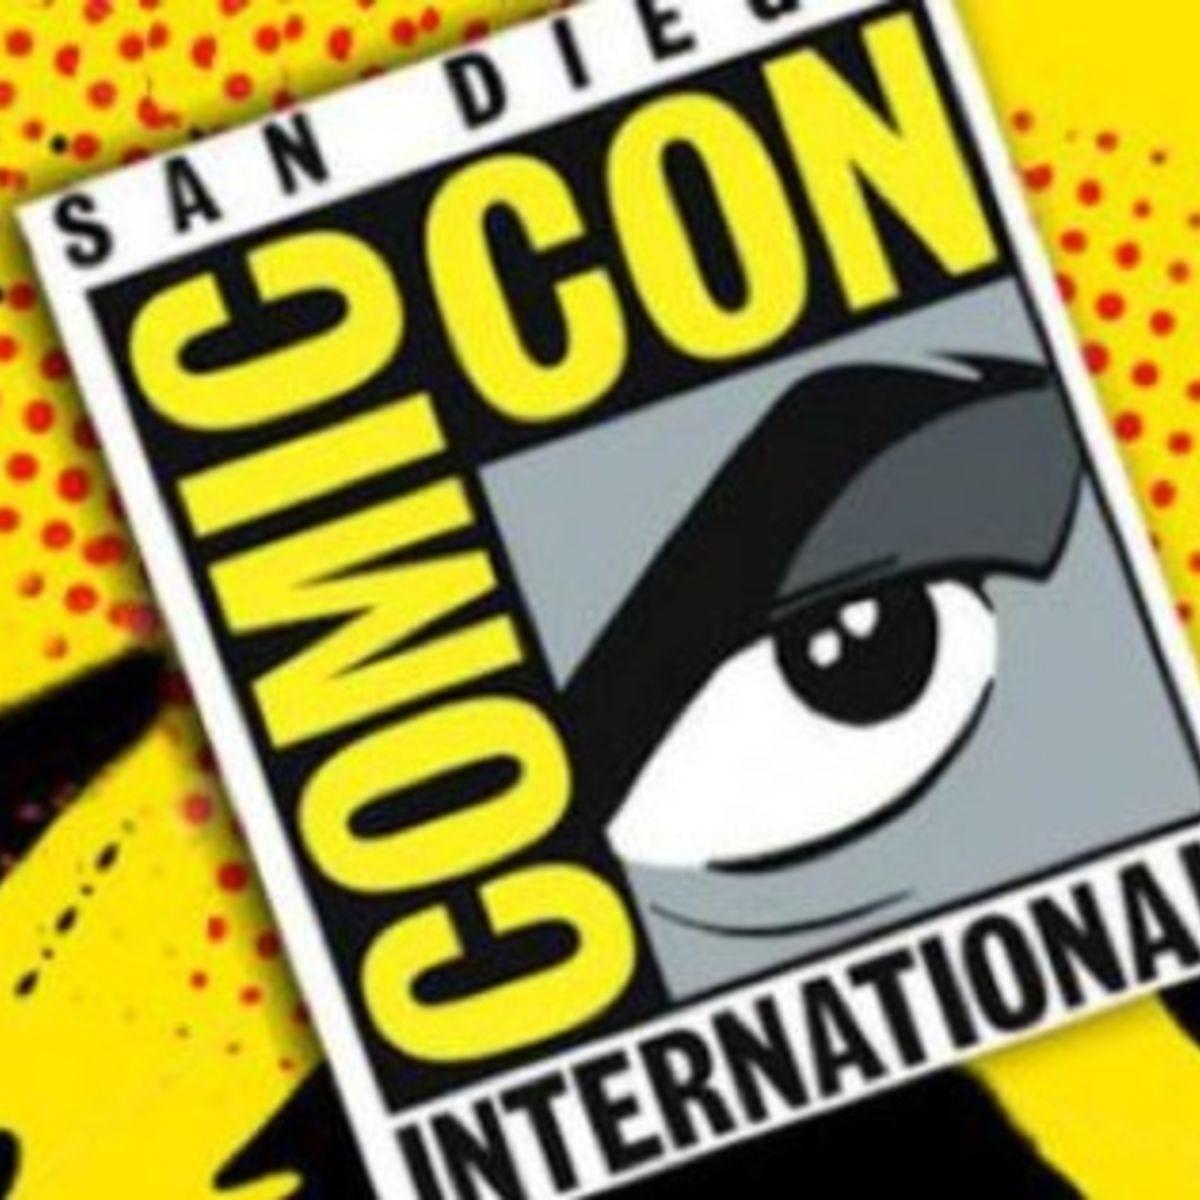 comic_con_logo_2012.jpg